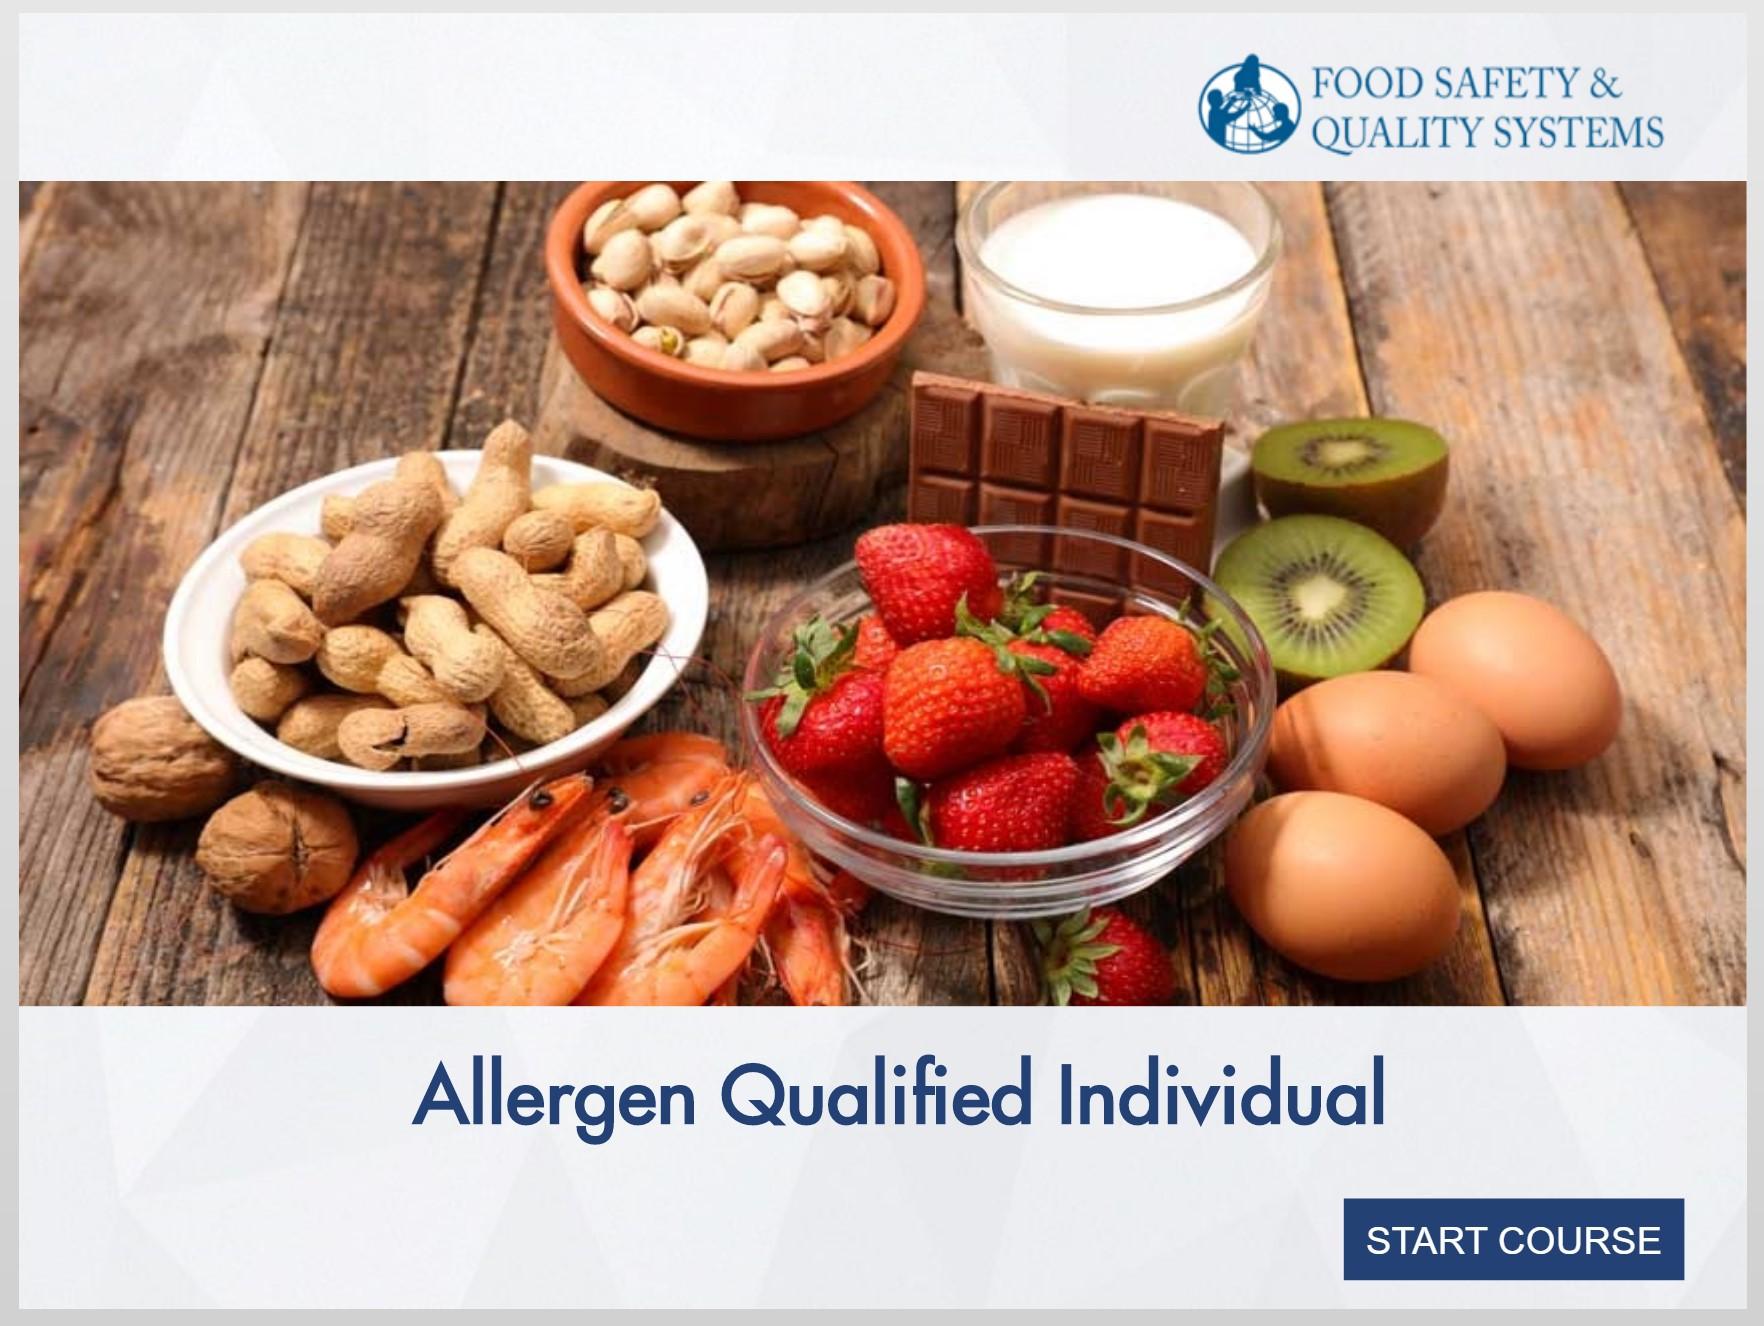 Allergen Qualified Individual